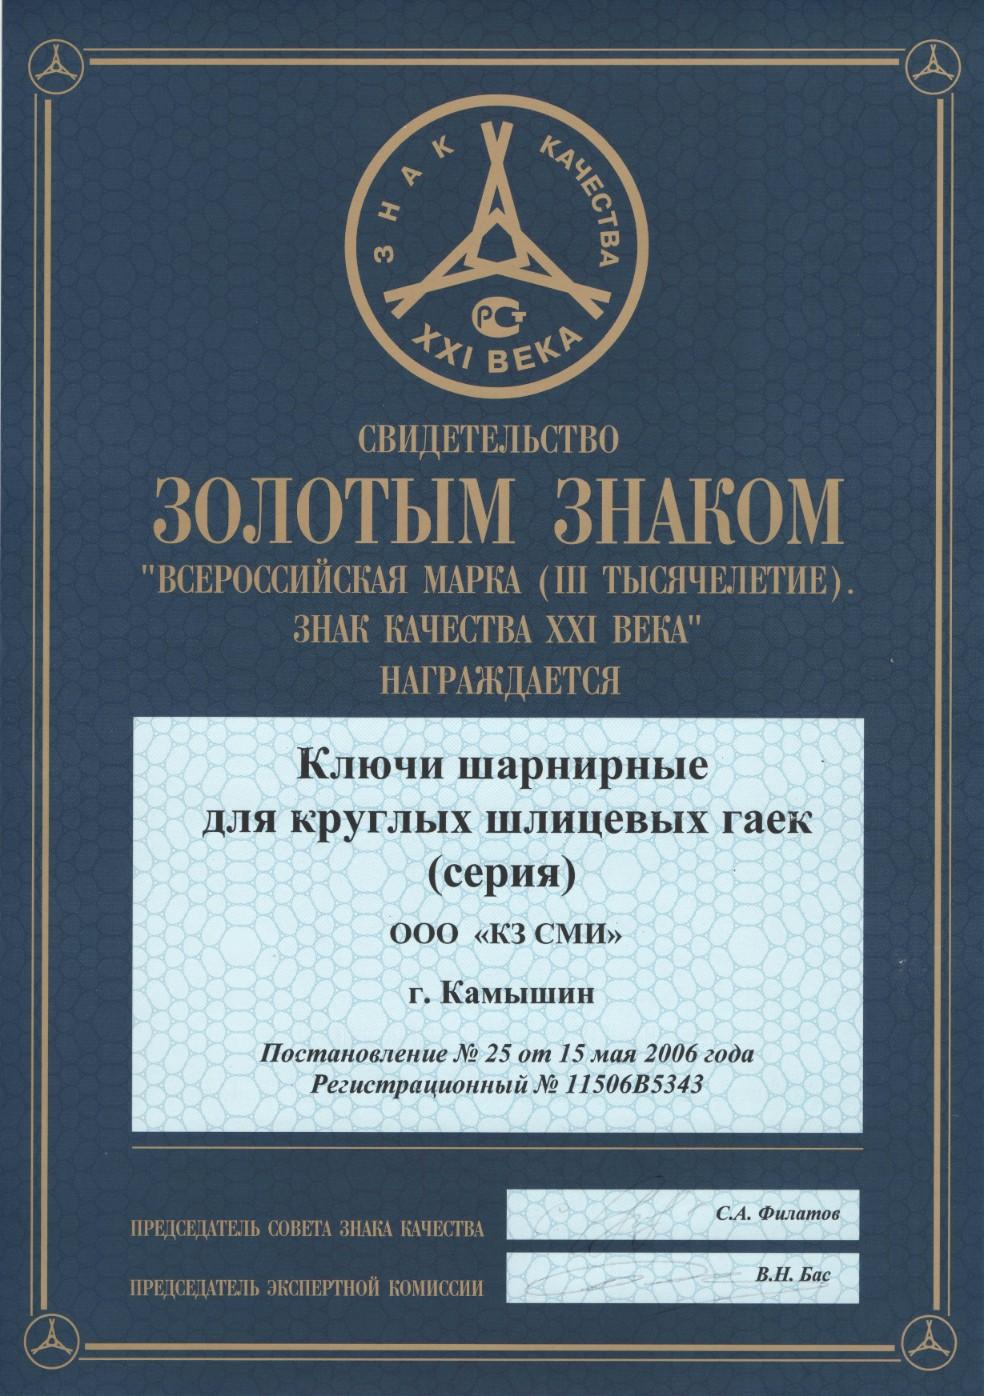 Золотой знак, Ключи шарнирные для круглых шлицевых гаек